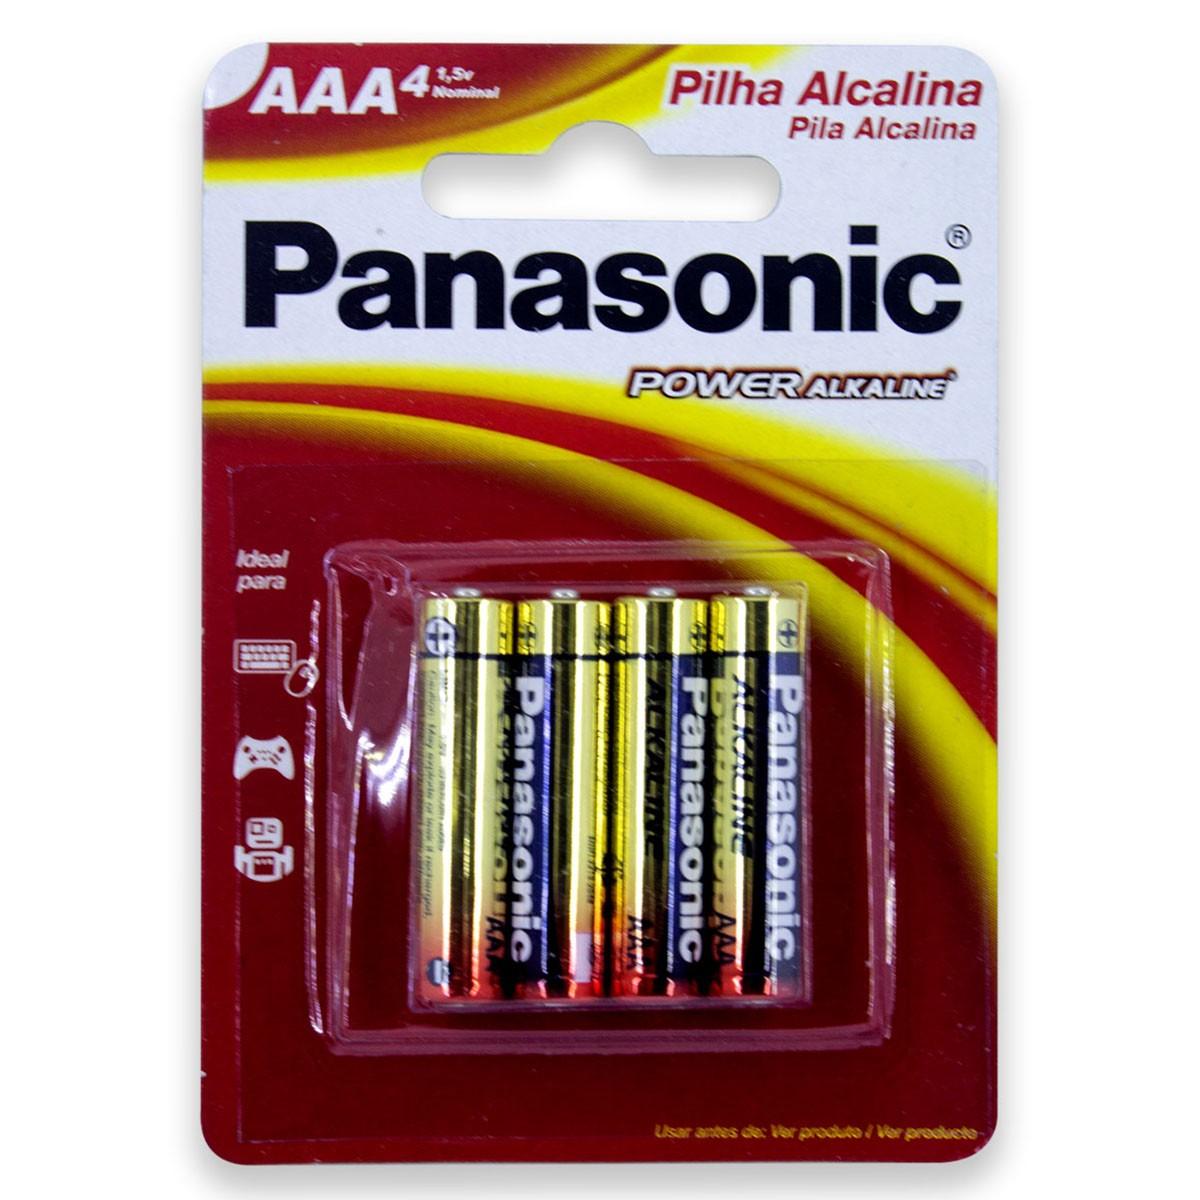 24 Pilhas AAA Alcalina PANASONIC 6 cartelas